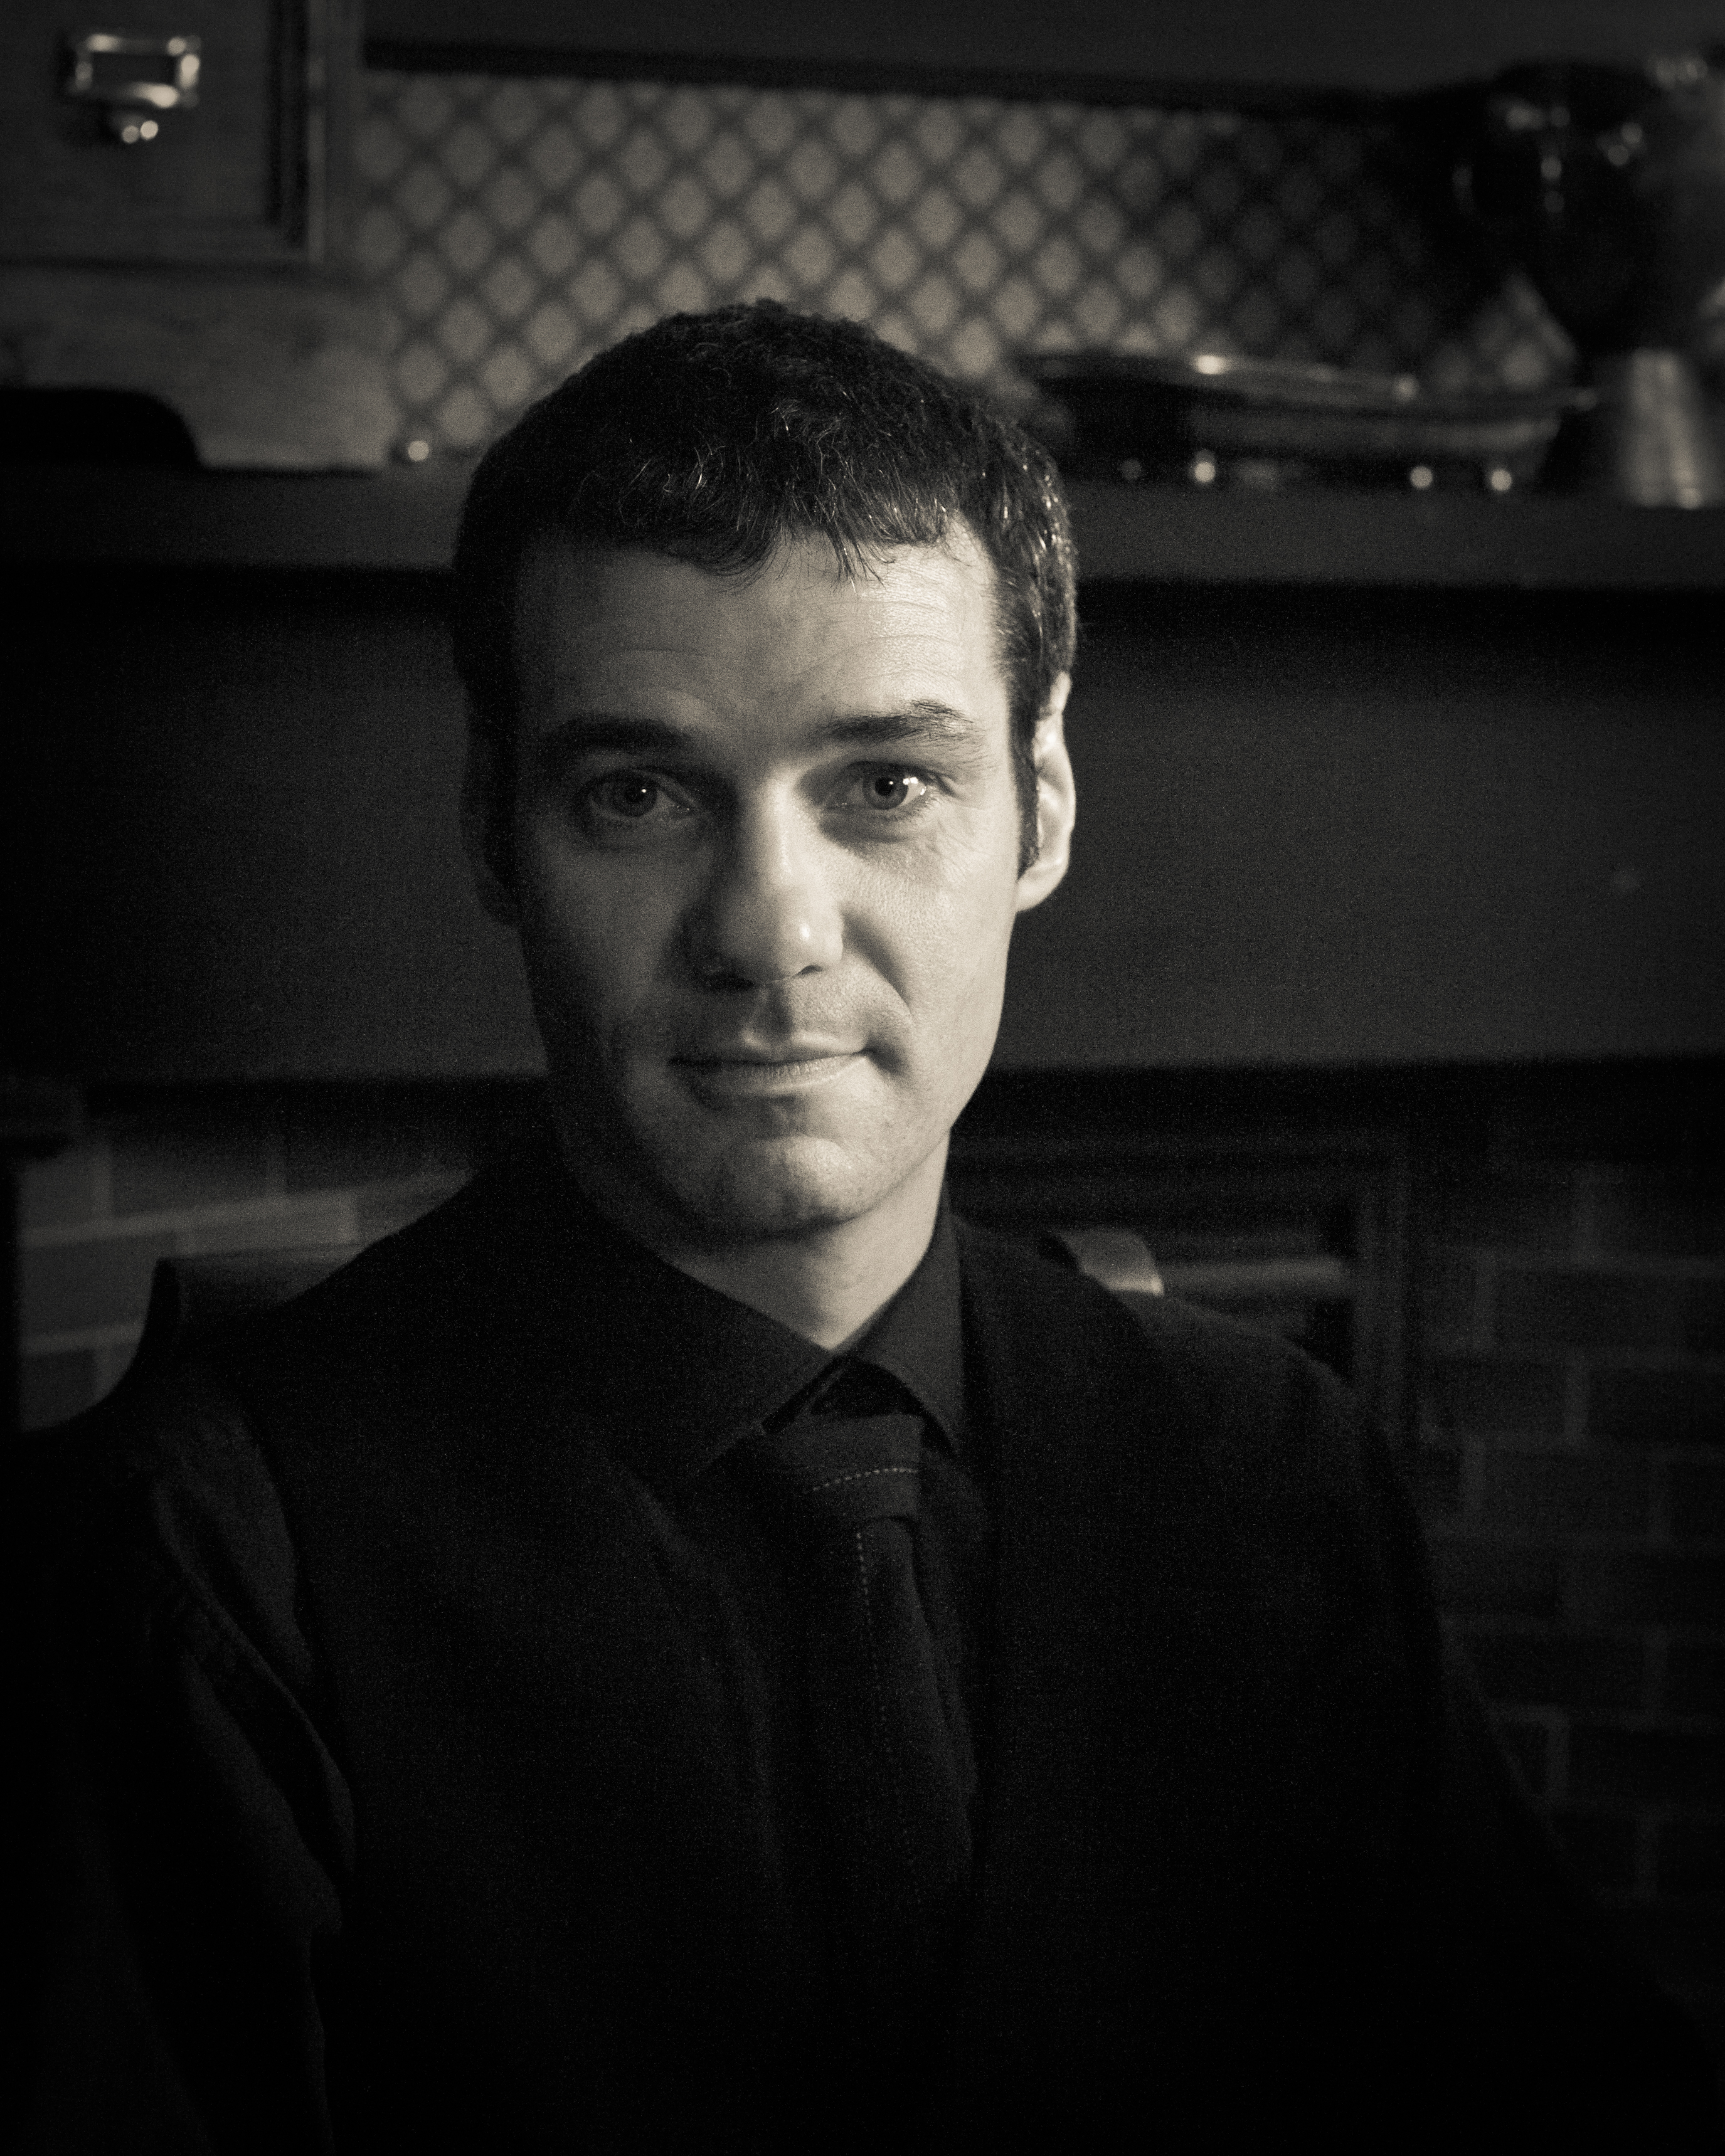 Stephen McGourty